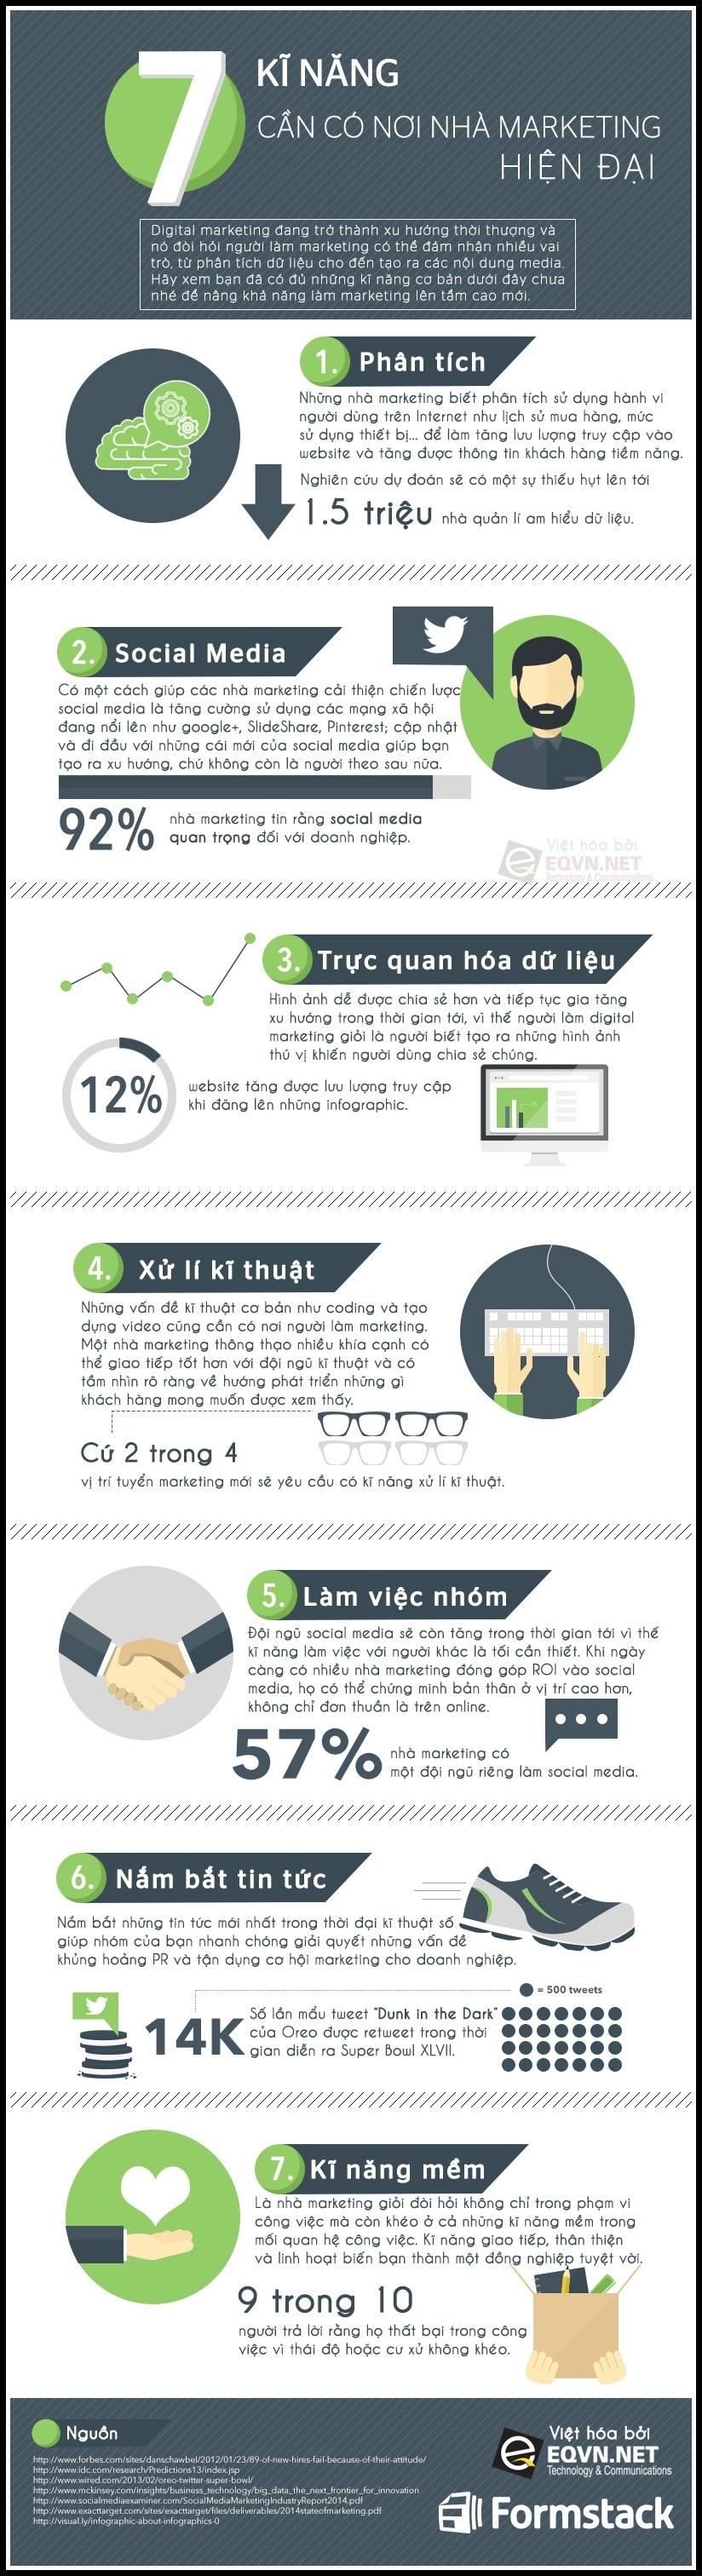 7 Kỹ năng cho người làm Marketing